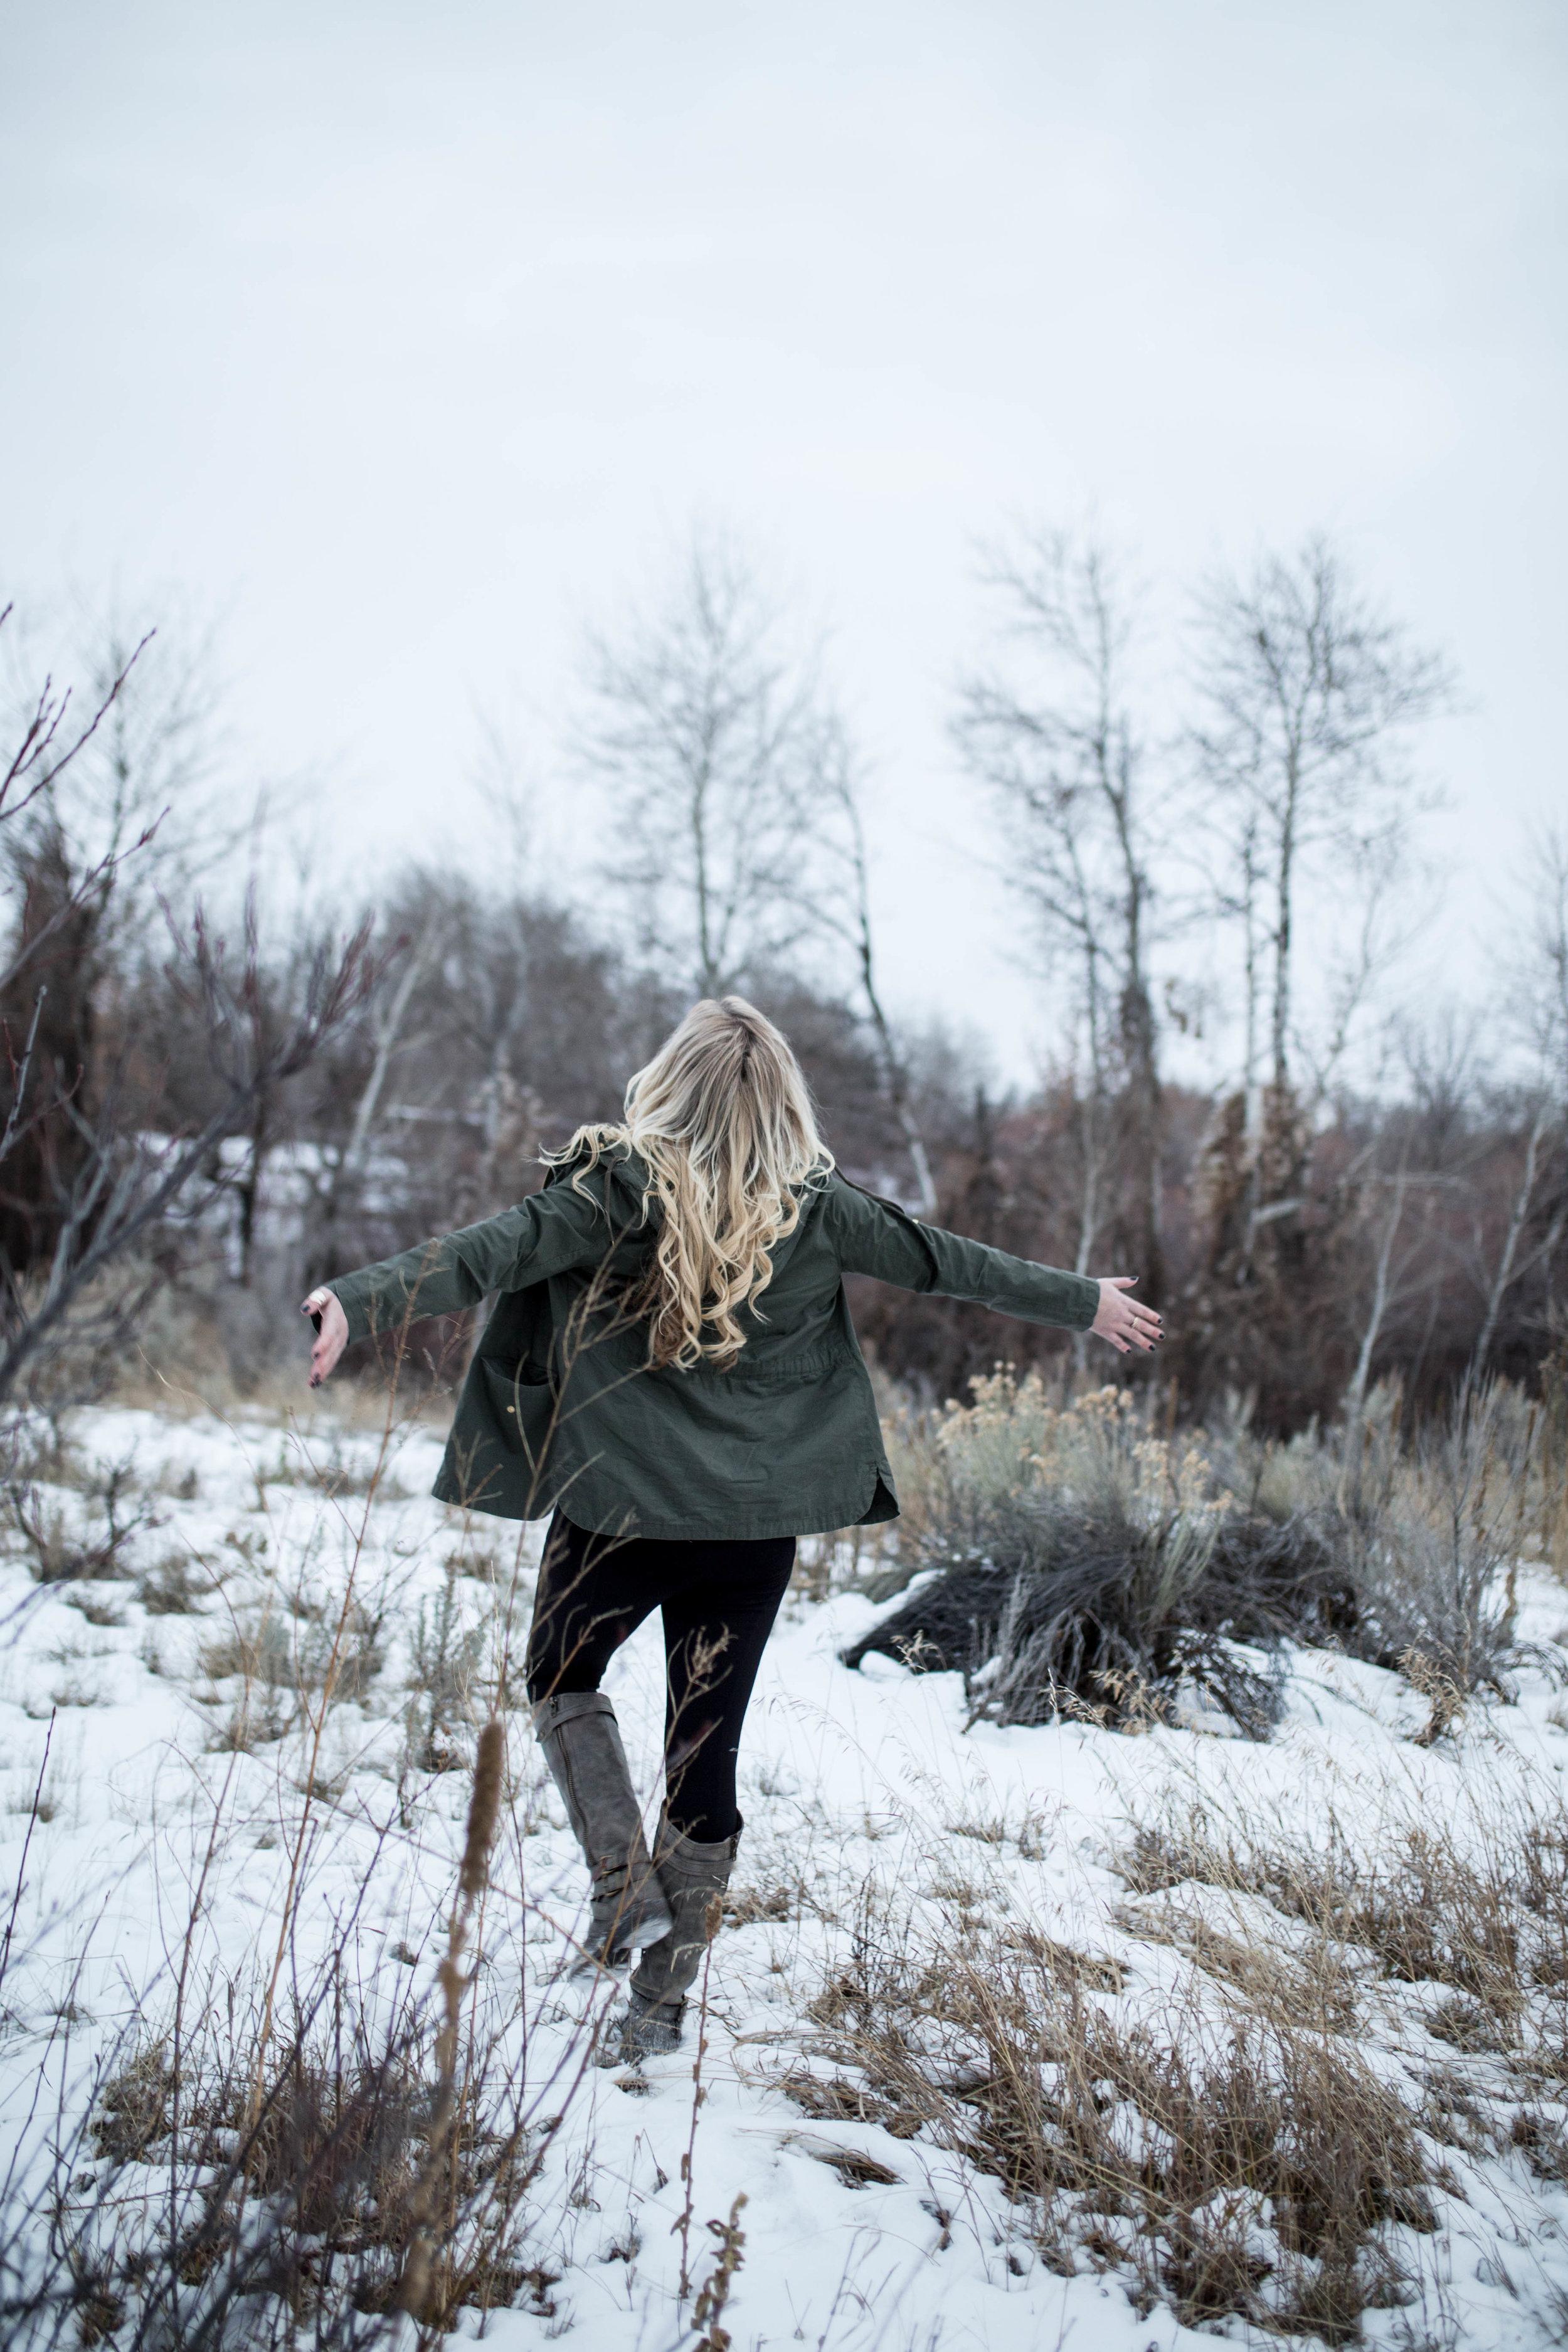 WinterRoommatePhotos (71 of 88).jpg